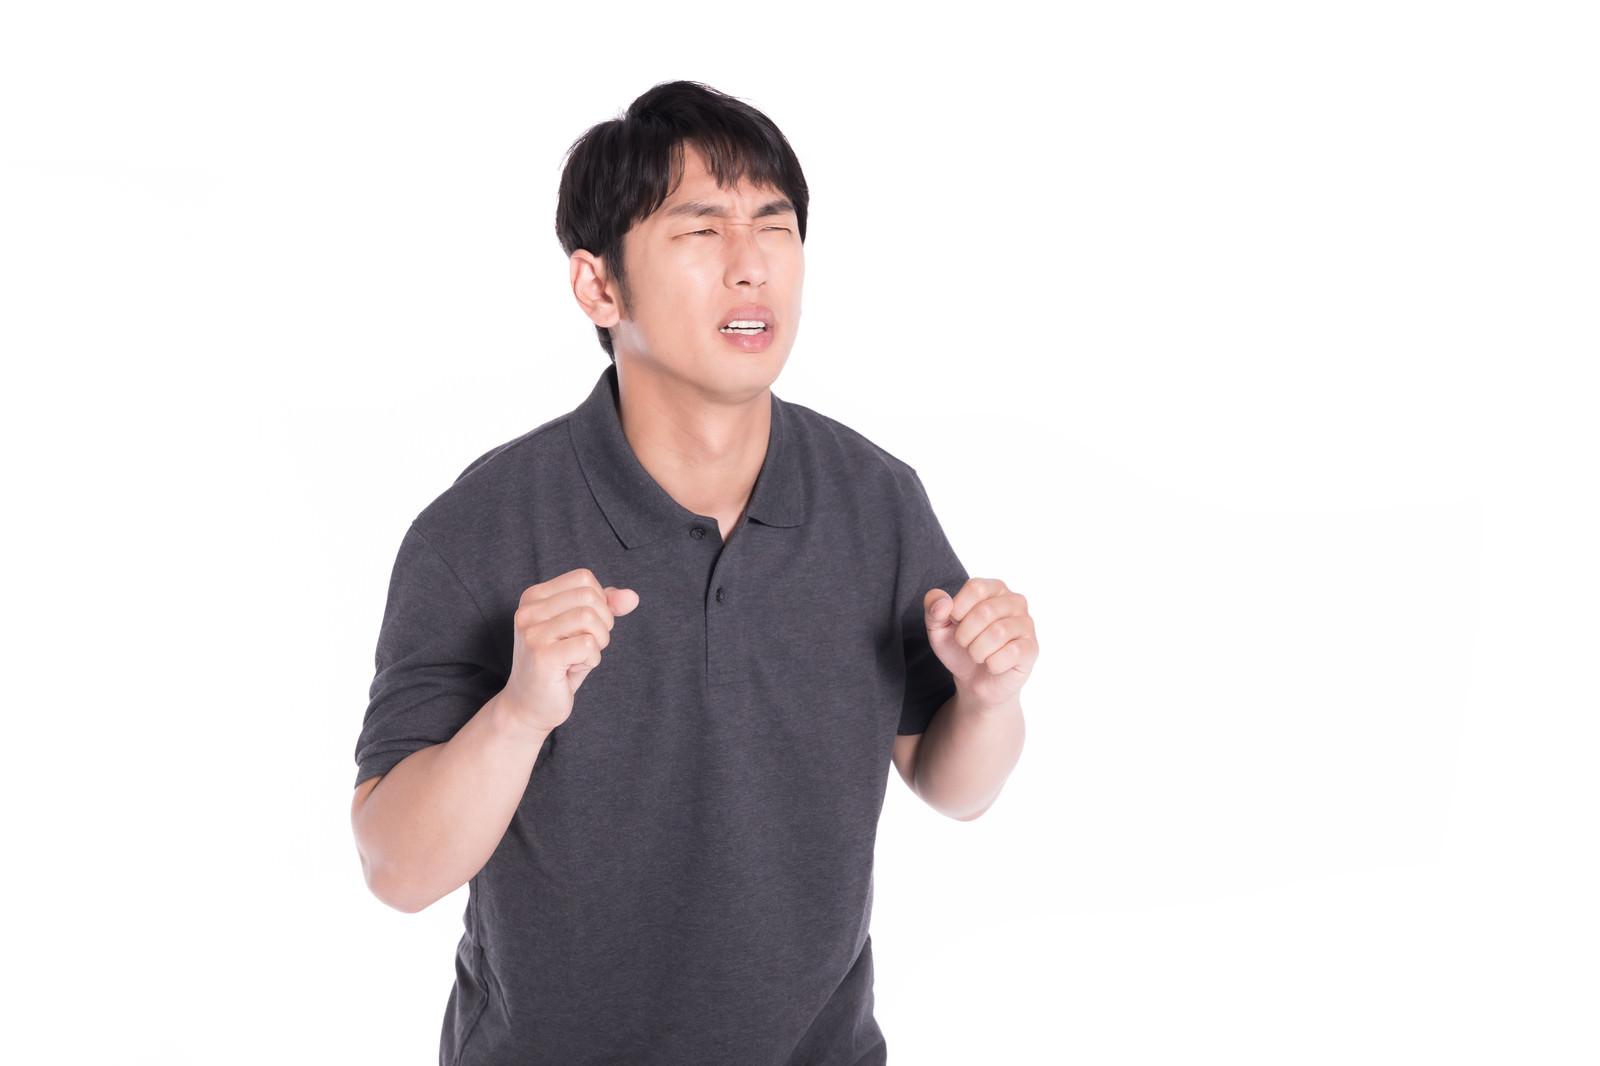 「無念の表情を浮かべている男性」の写真[モデル:大川竜弥]